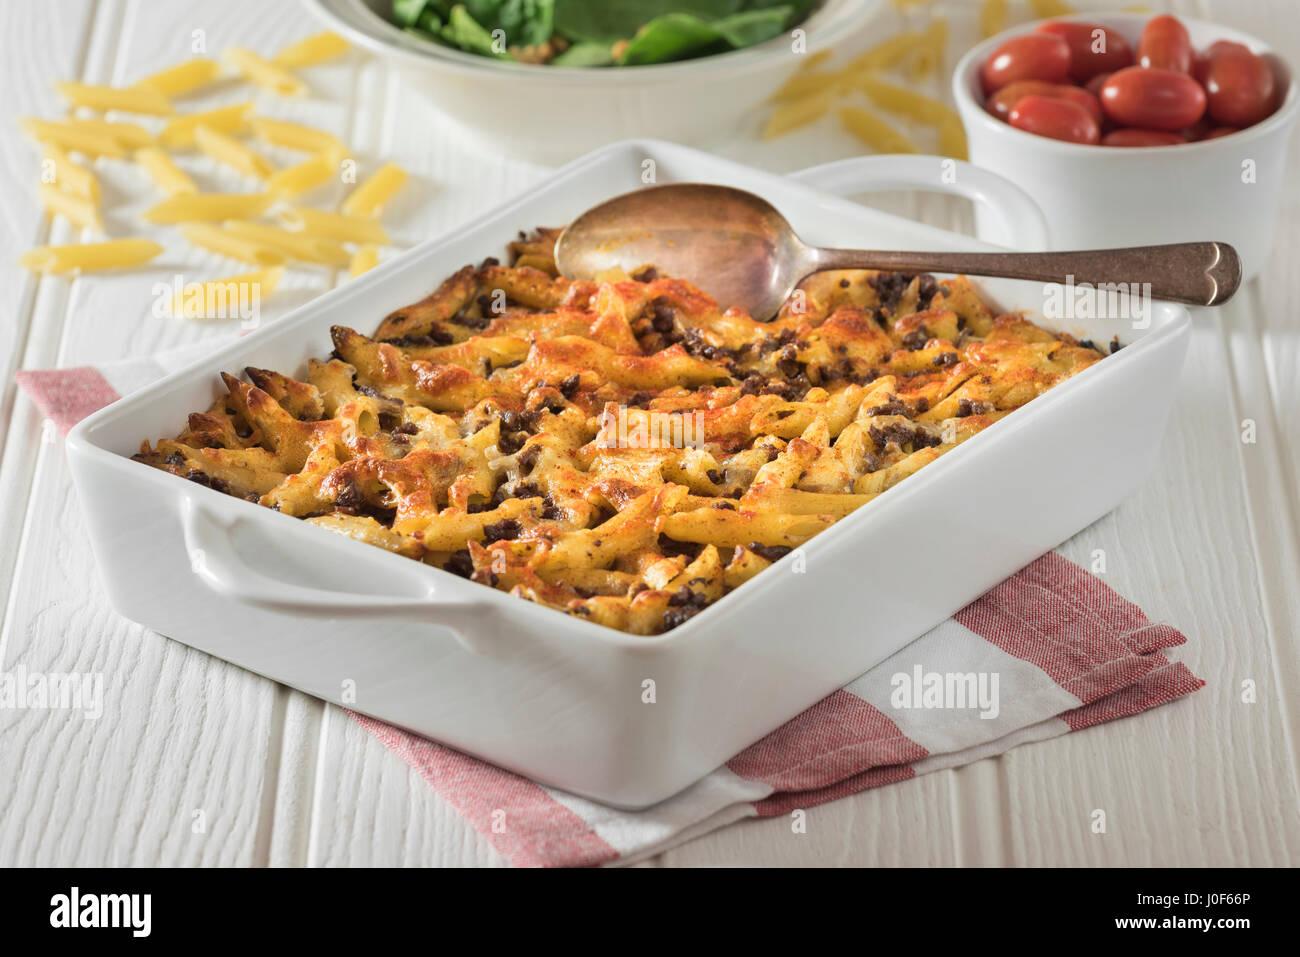 Makaronilaatikko. Finnish Macaroni Casserole. Finland Food - Stock Image